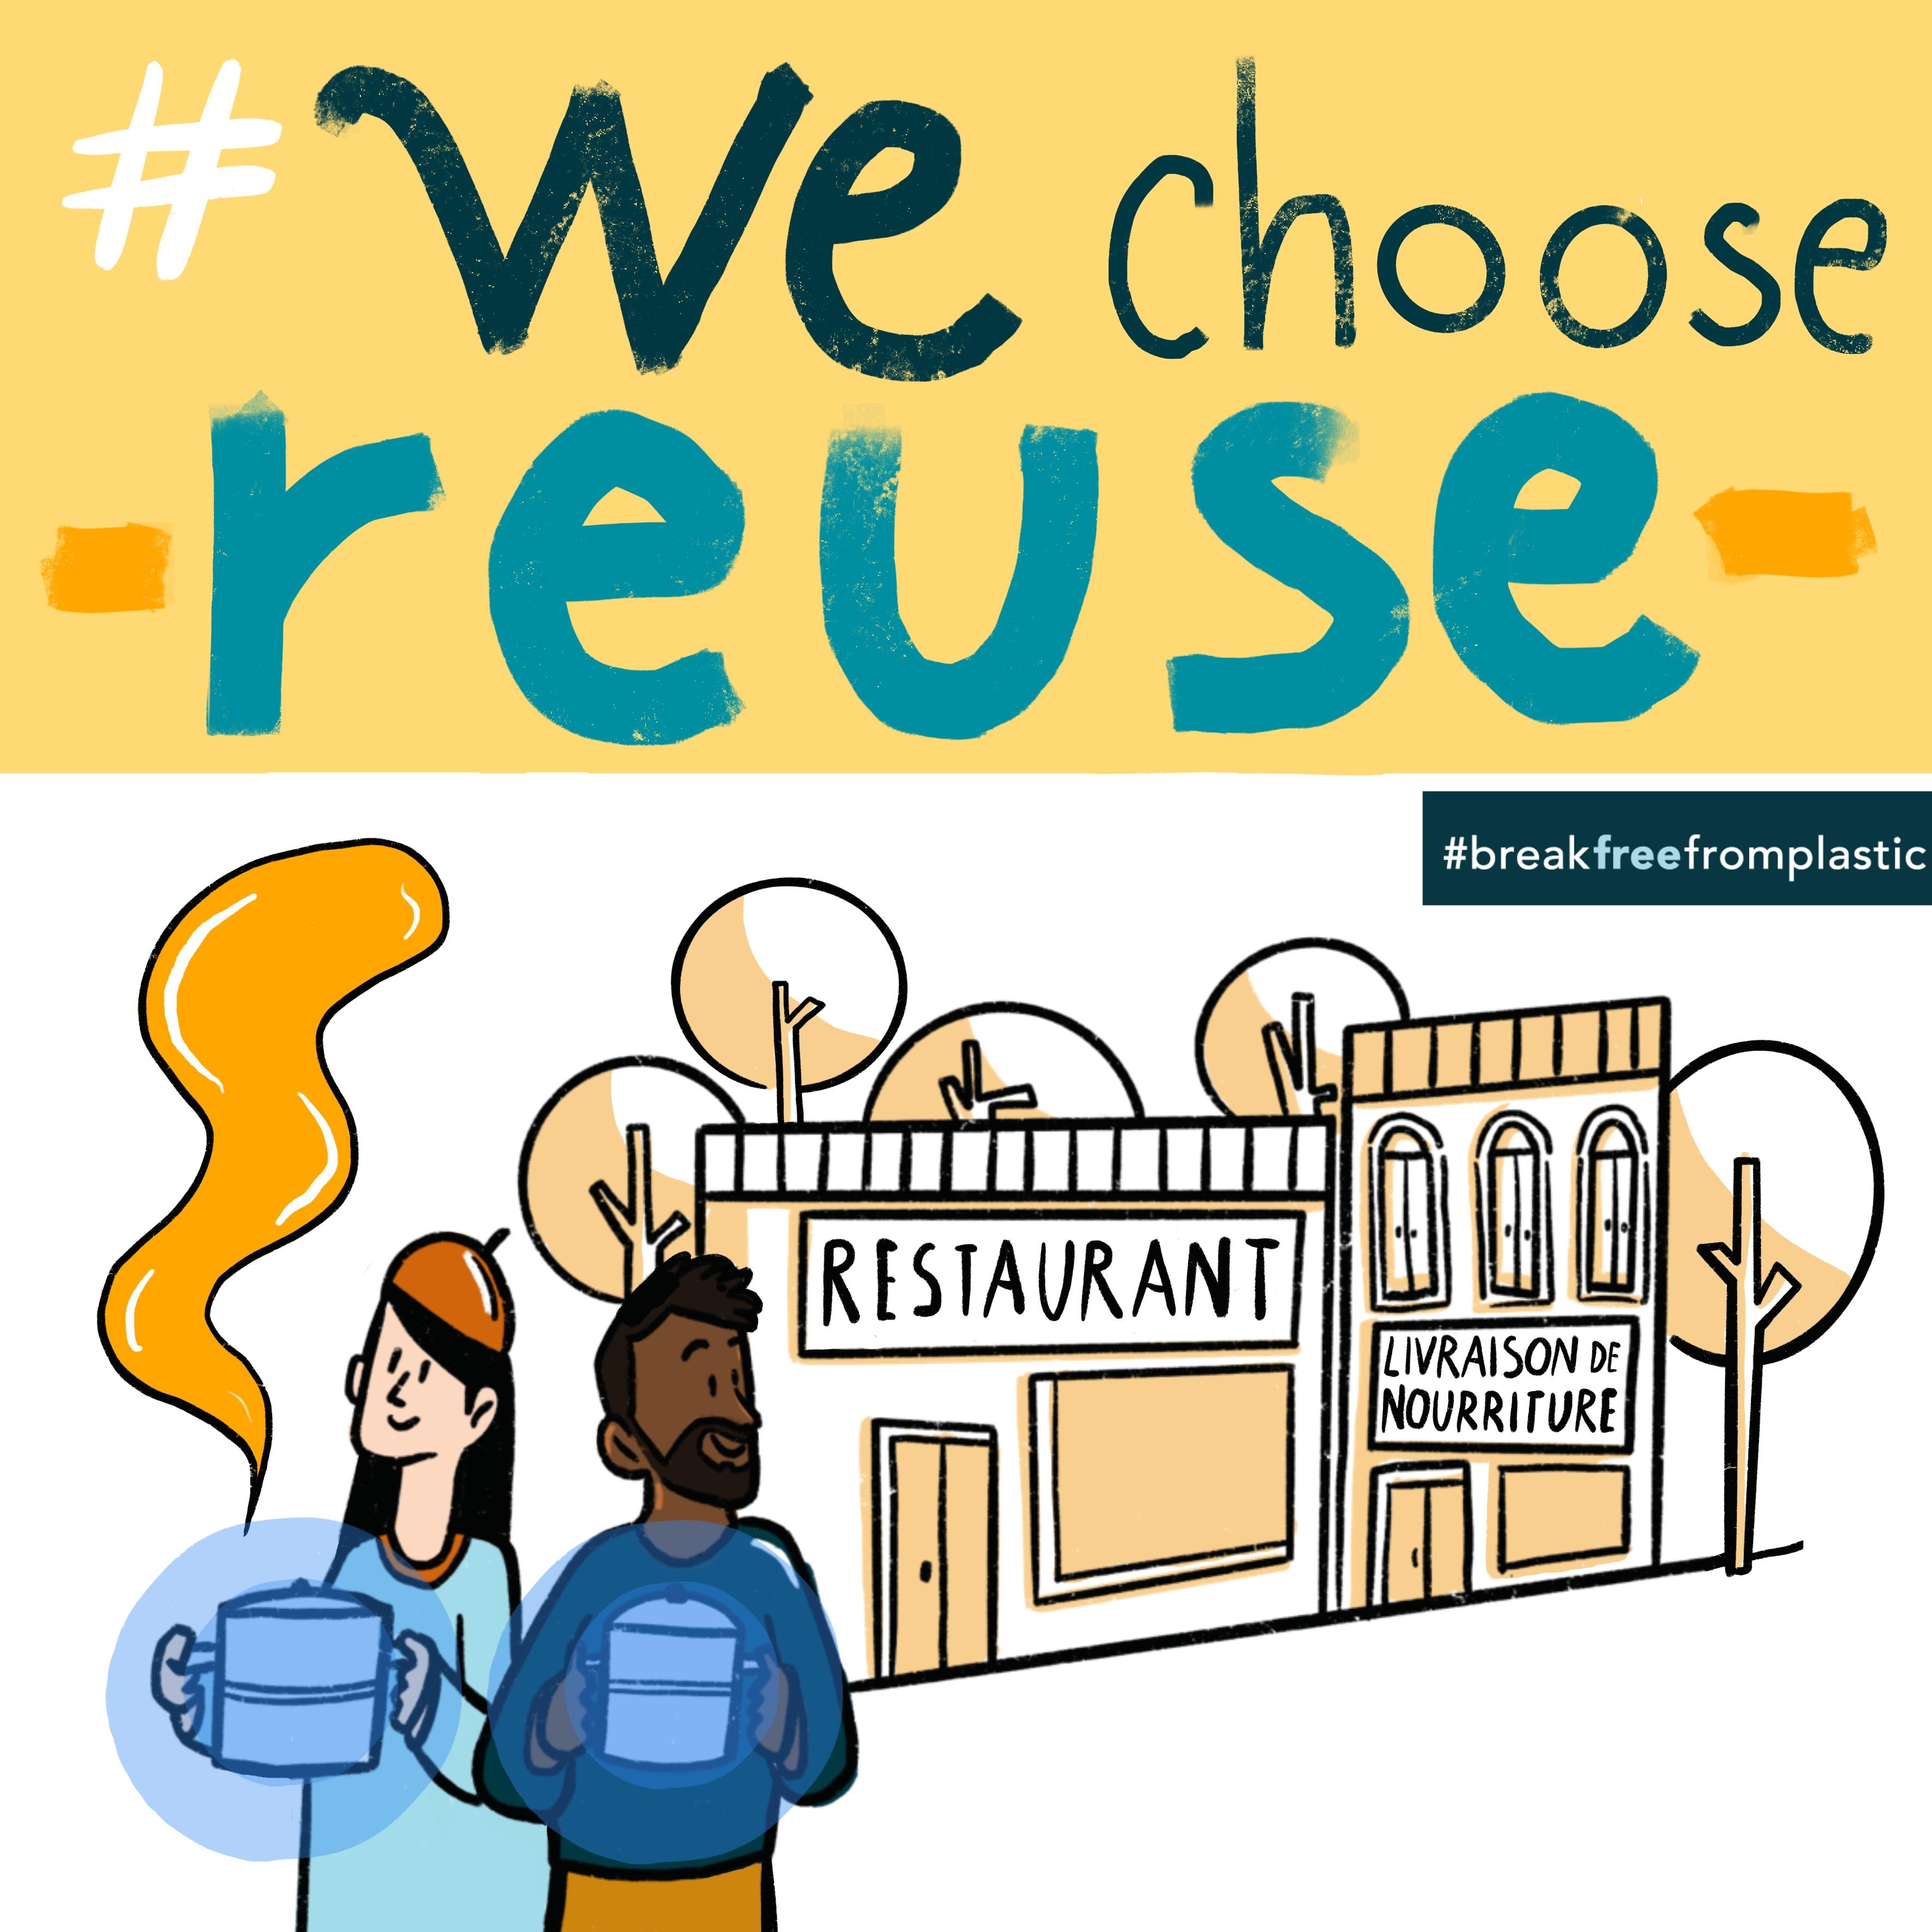 We_Choose_Reuse_2 francais